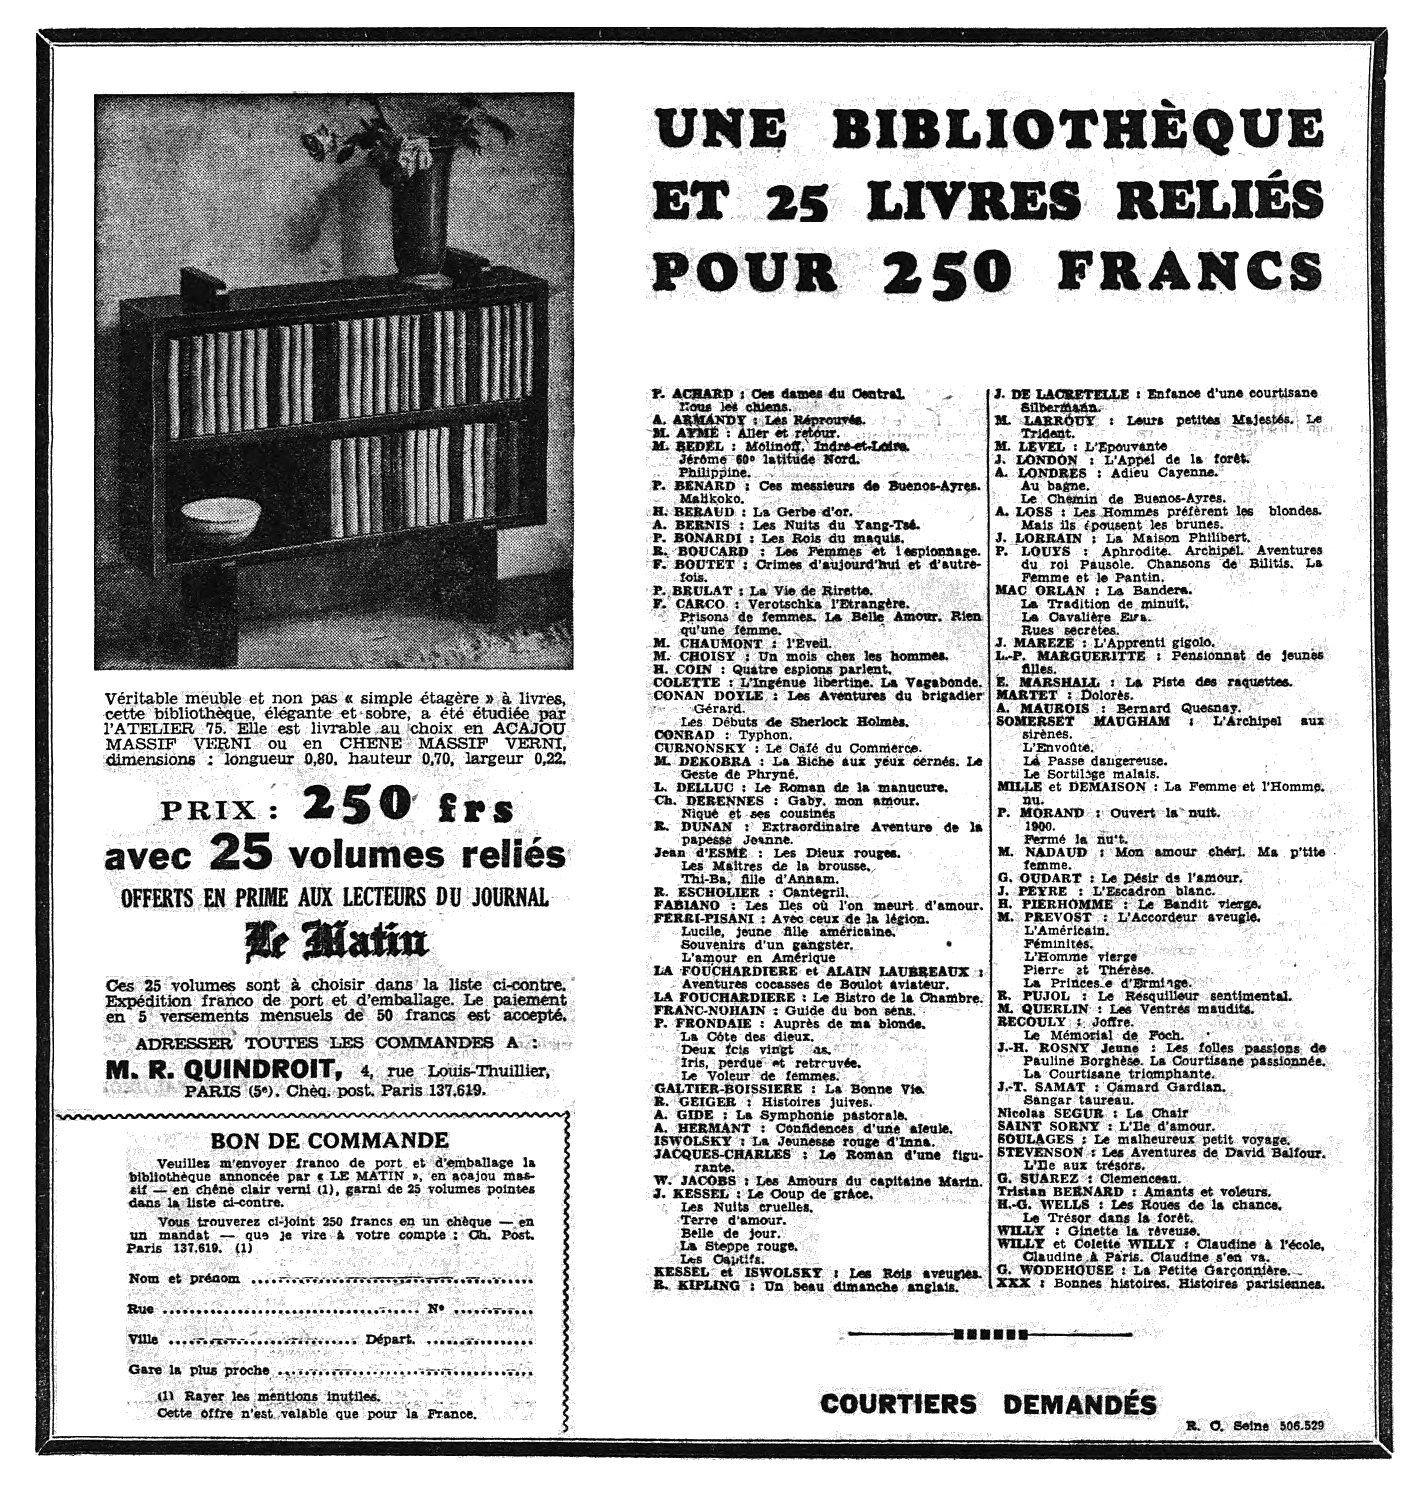 Ouvrages offerts en prime aux lecteurs du journal Le Matin (1936)